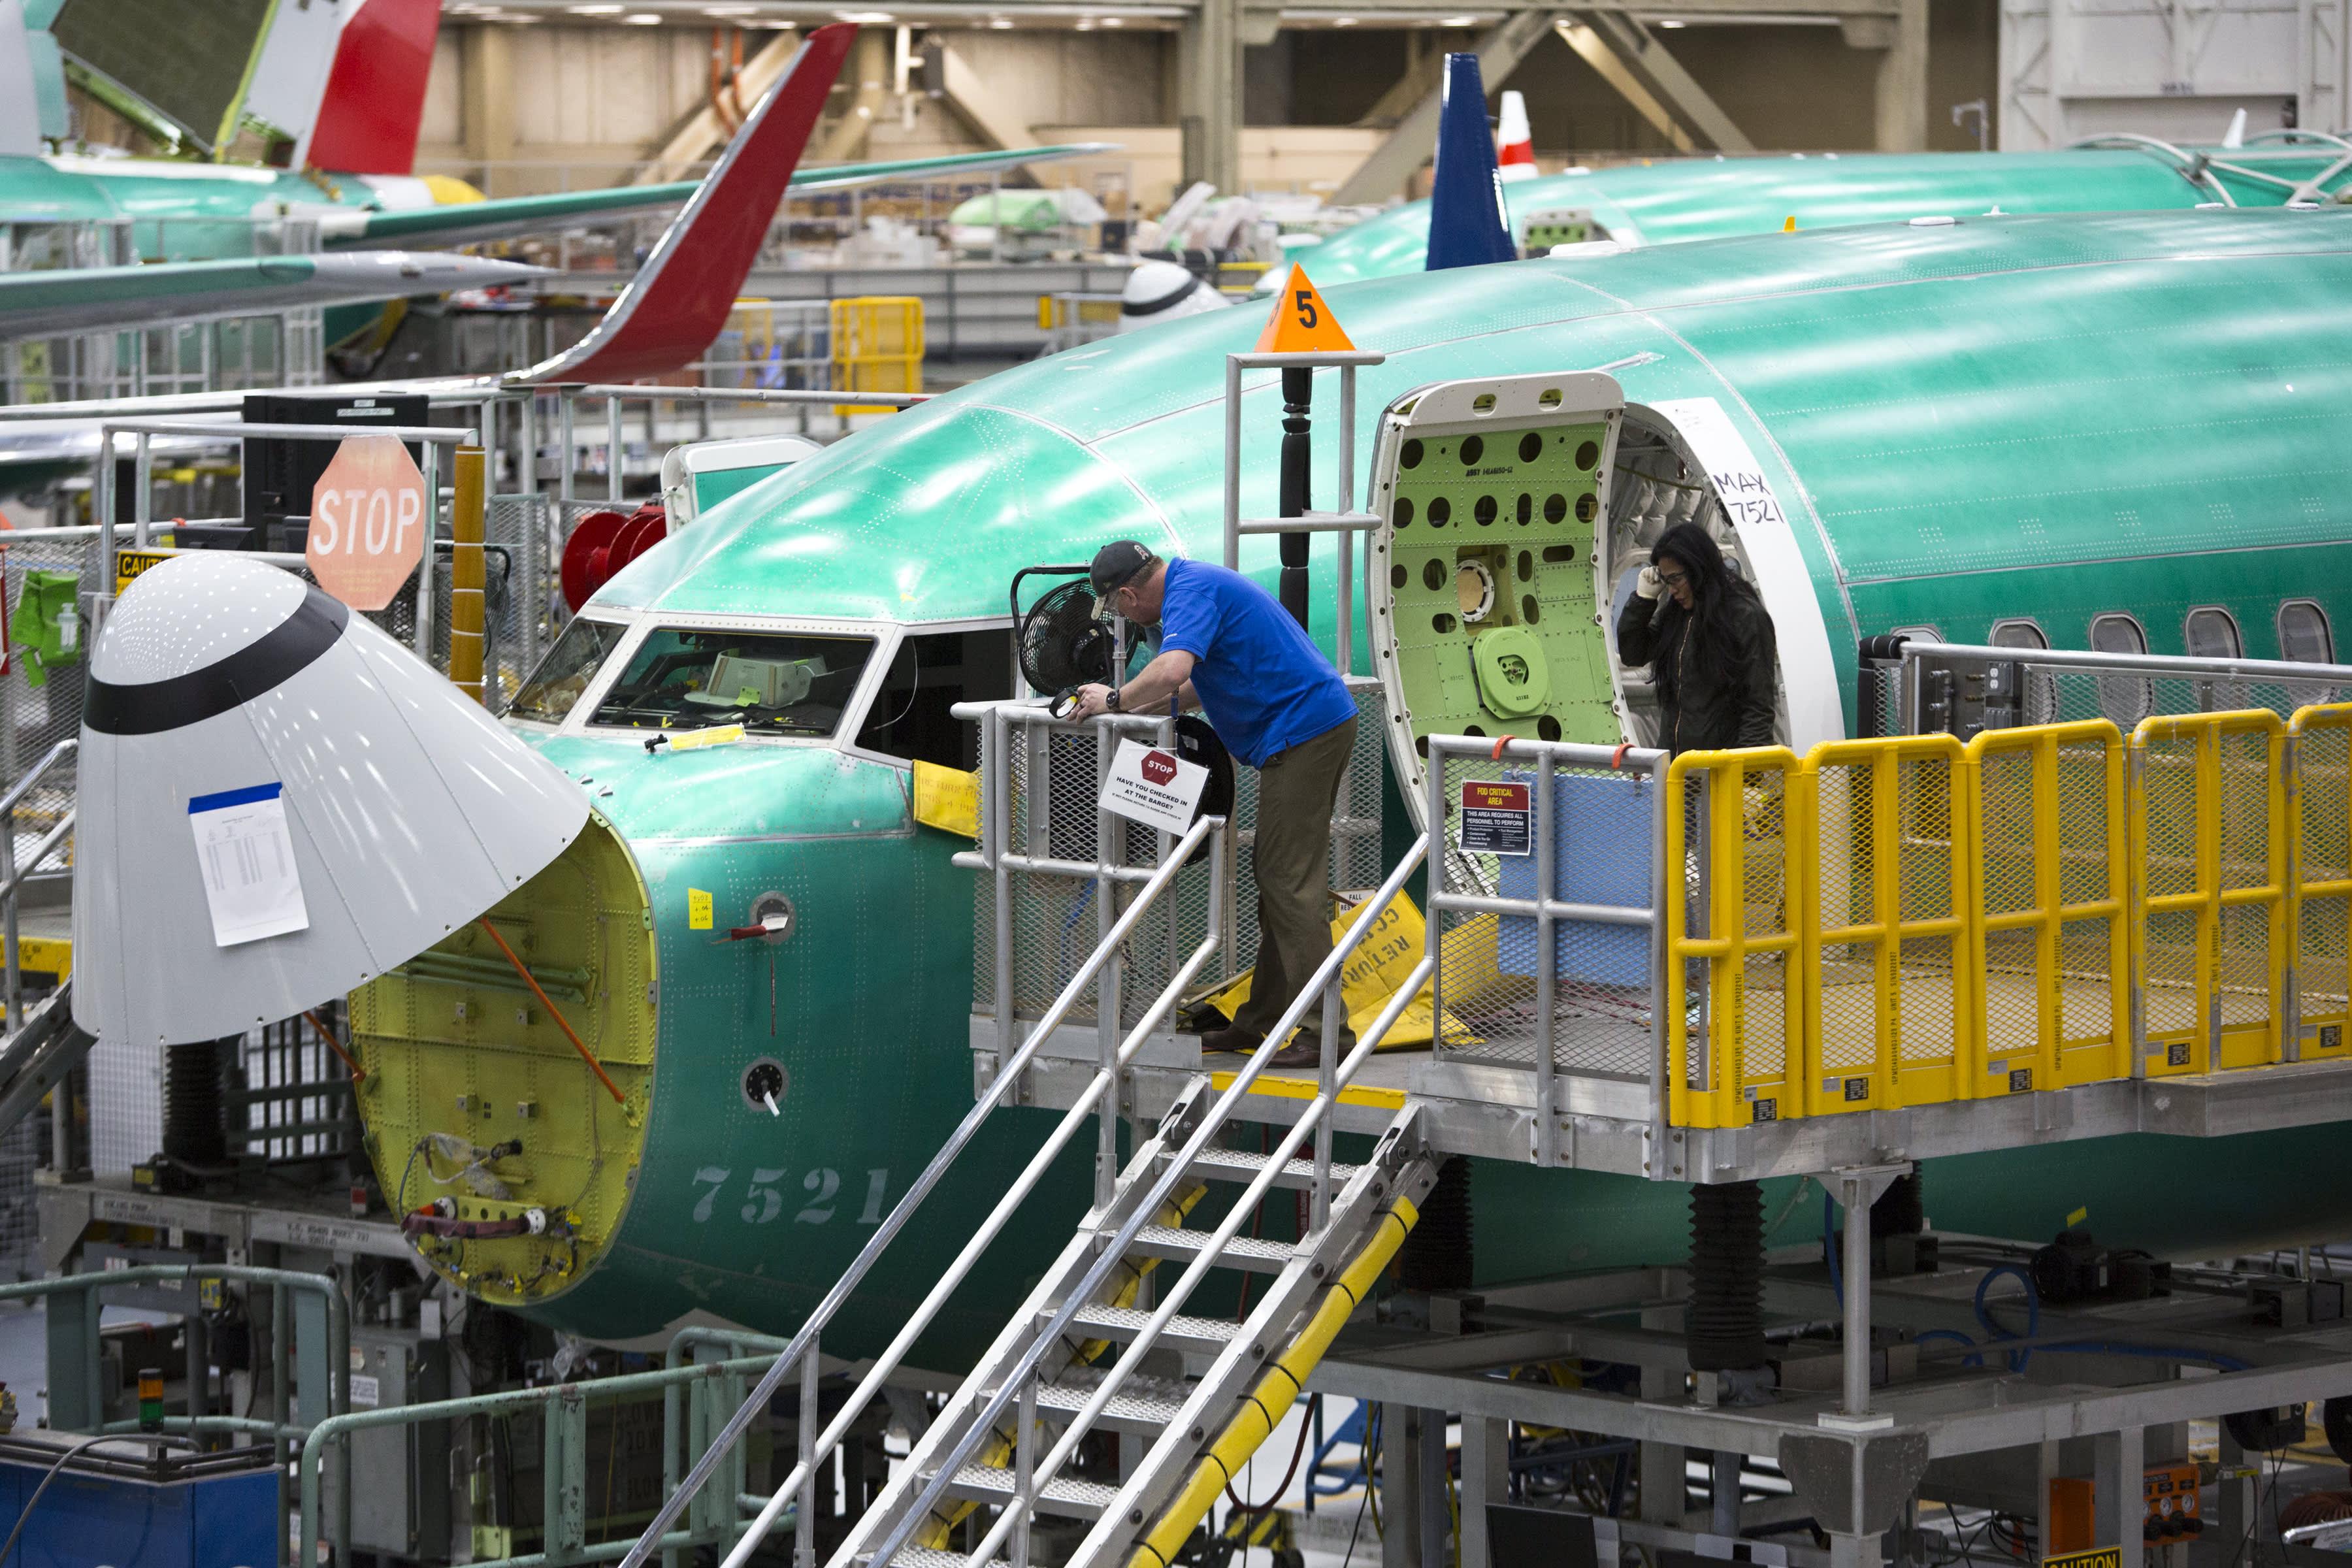 Boeing halts hiring as coronavirus poses 'global economic disruption'